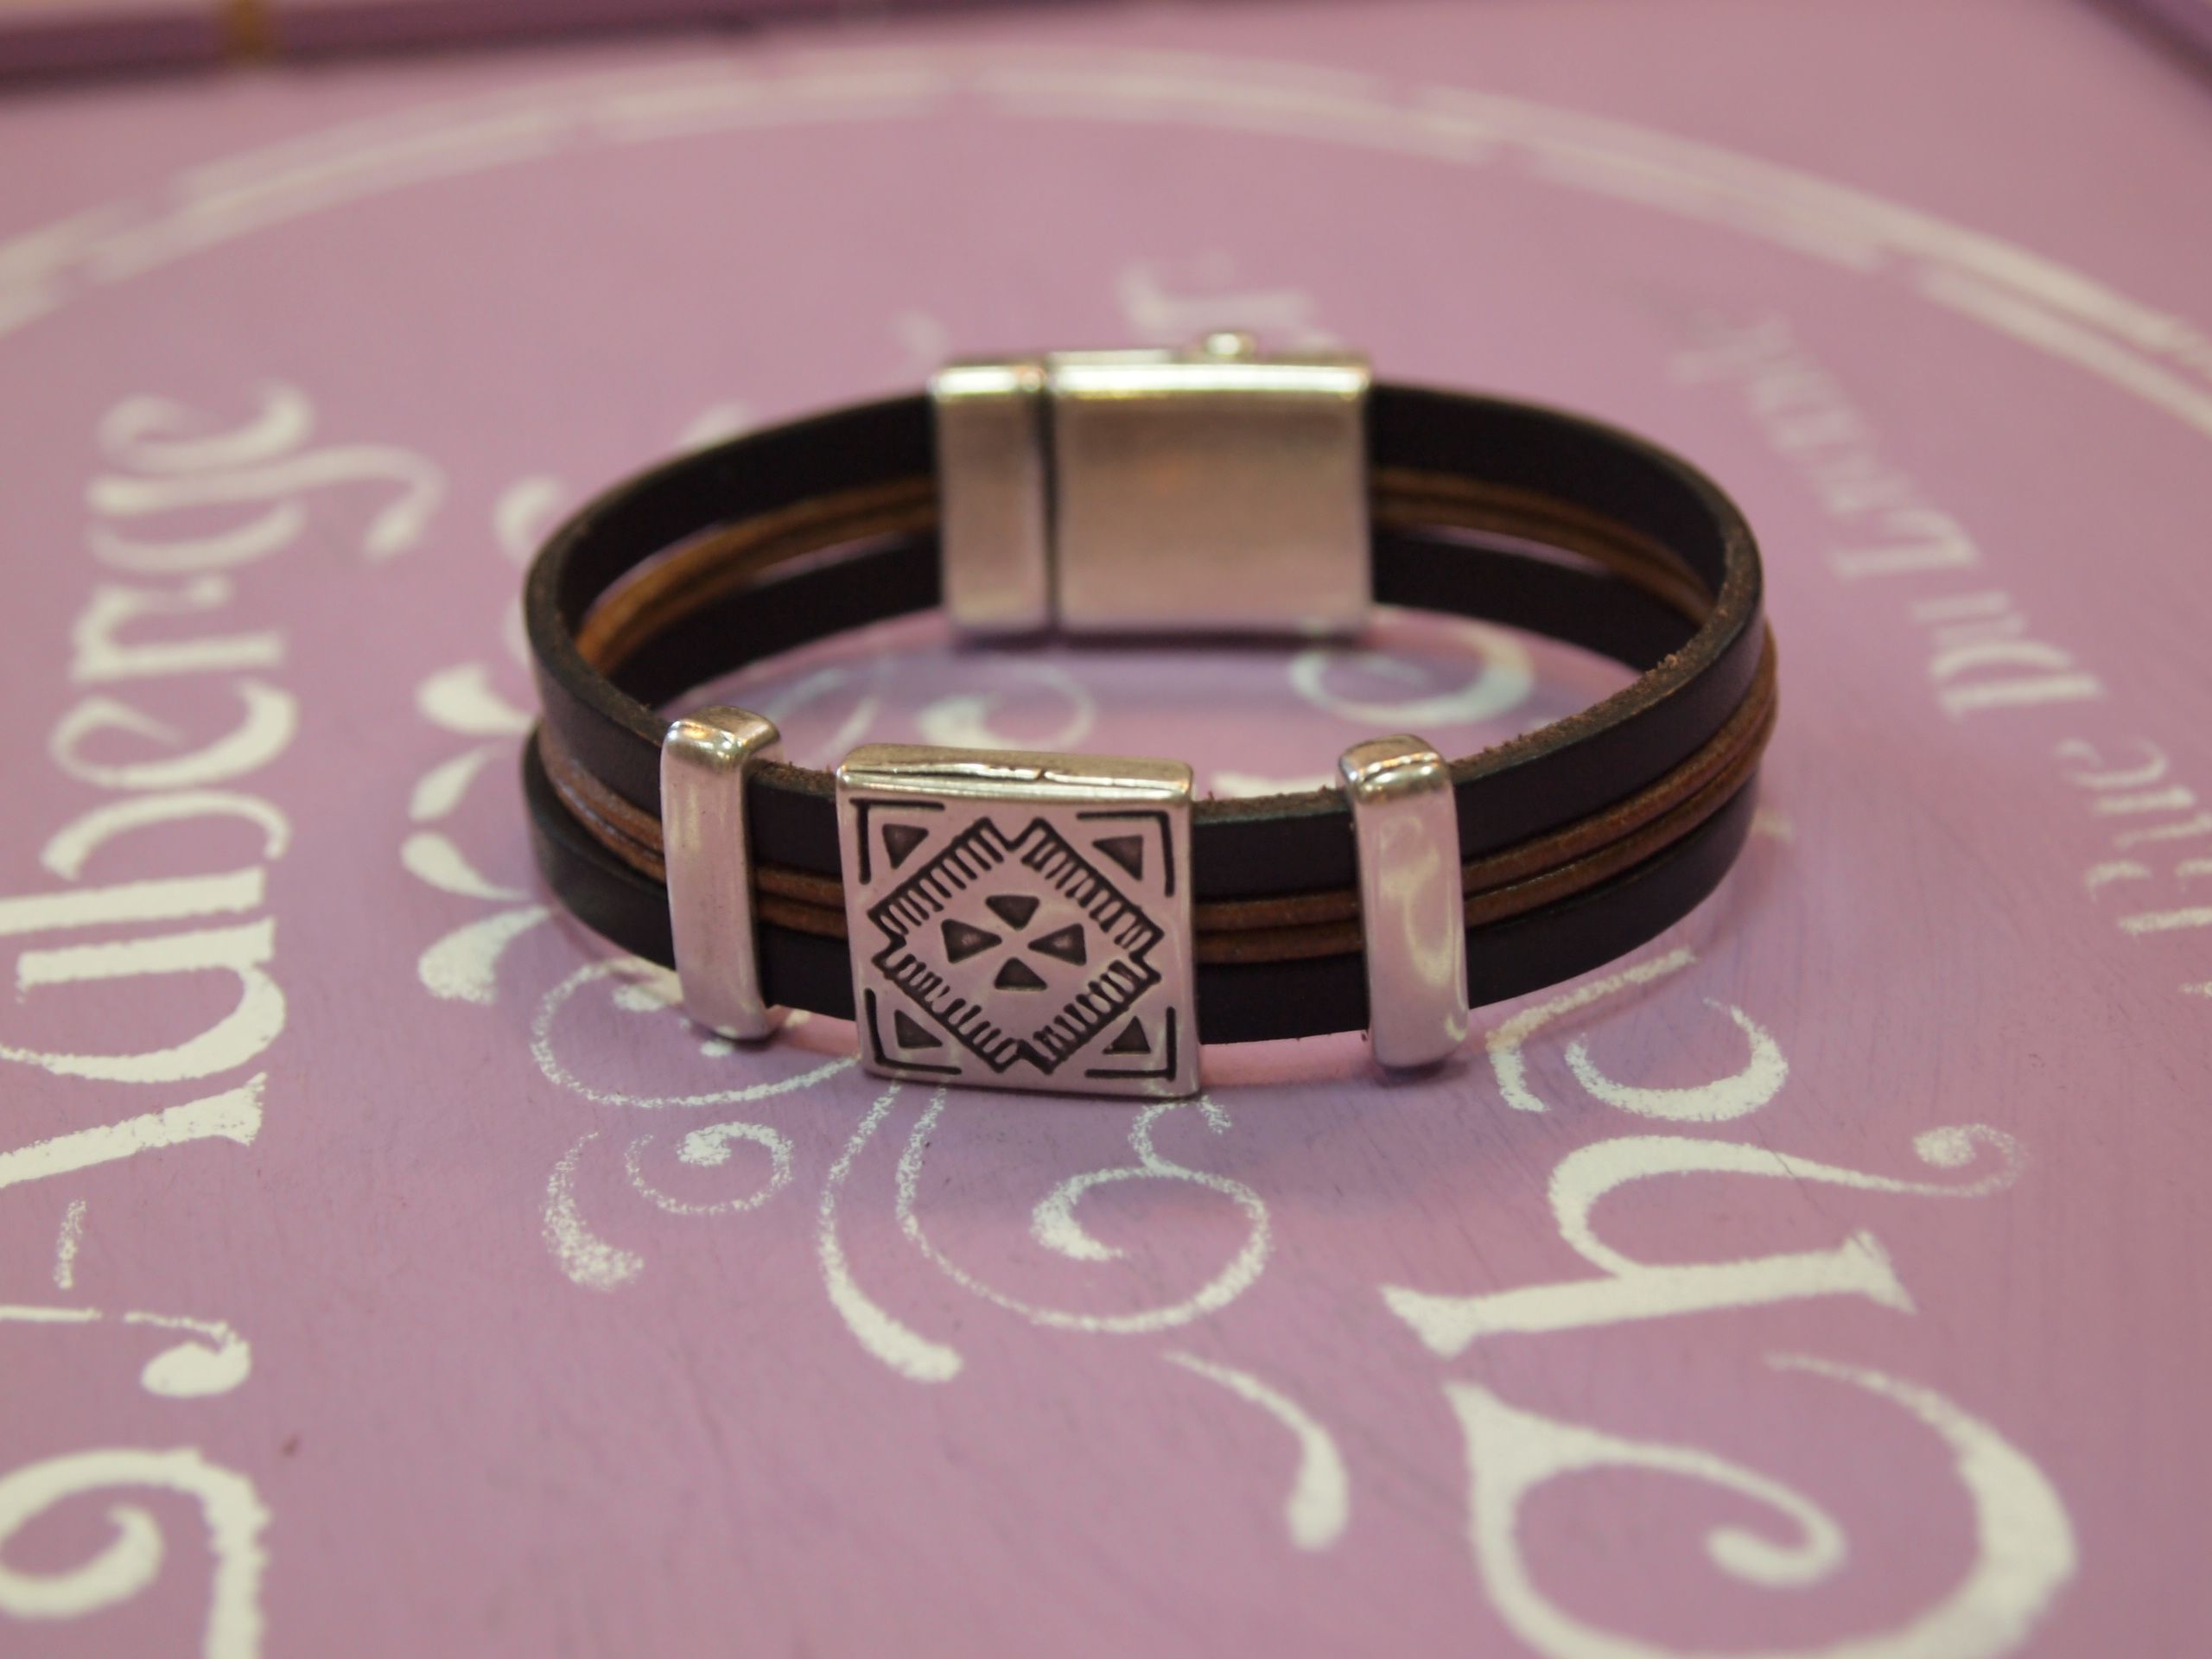 f8998c7ba624 Pulsera de cuero y pasadores de Zamak. Cierre de imán. www.manosycolores.es